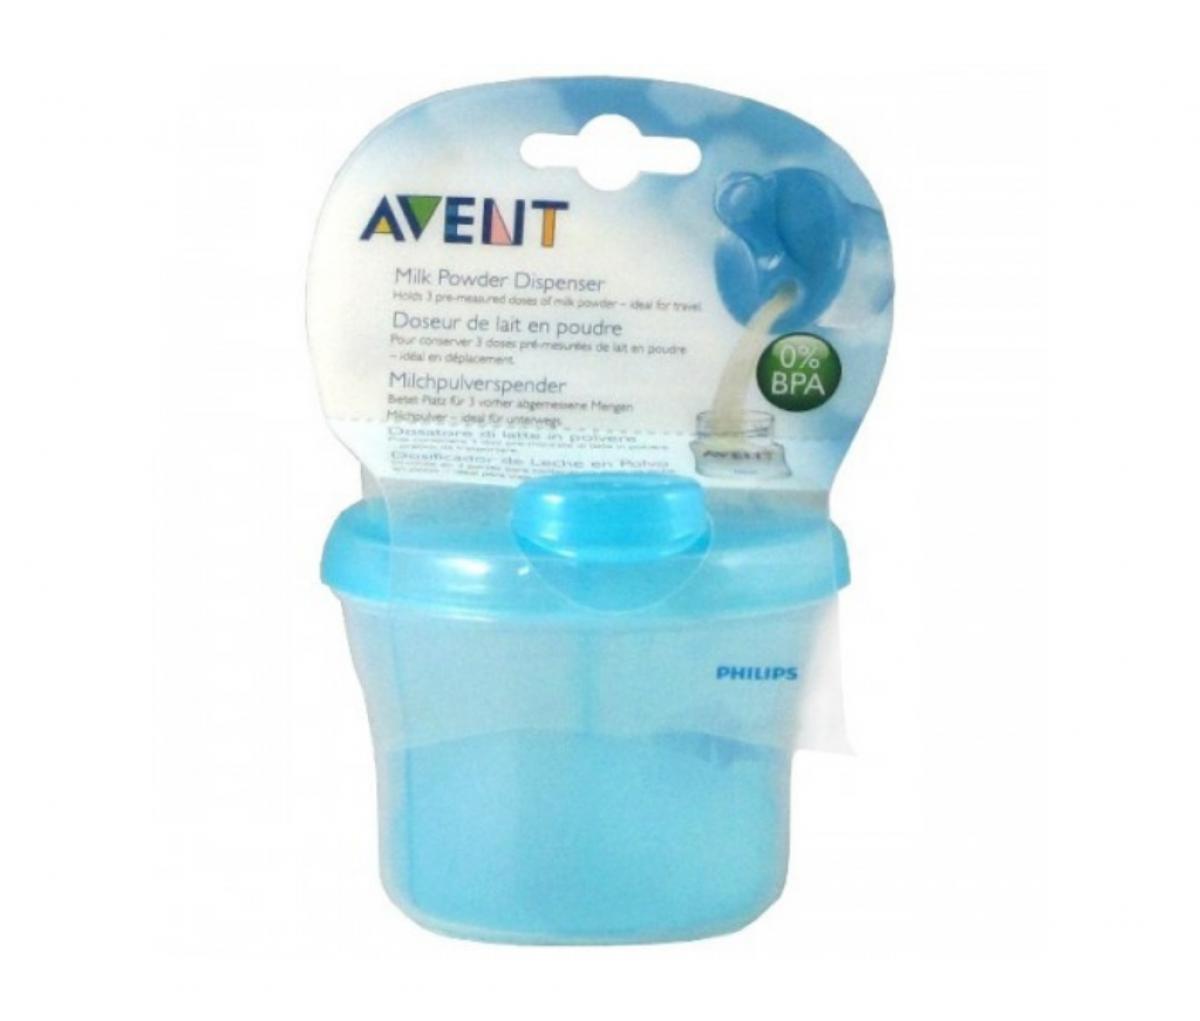 Avent Milk Powder Dispenser SCF135/06